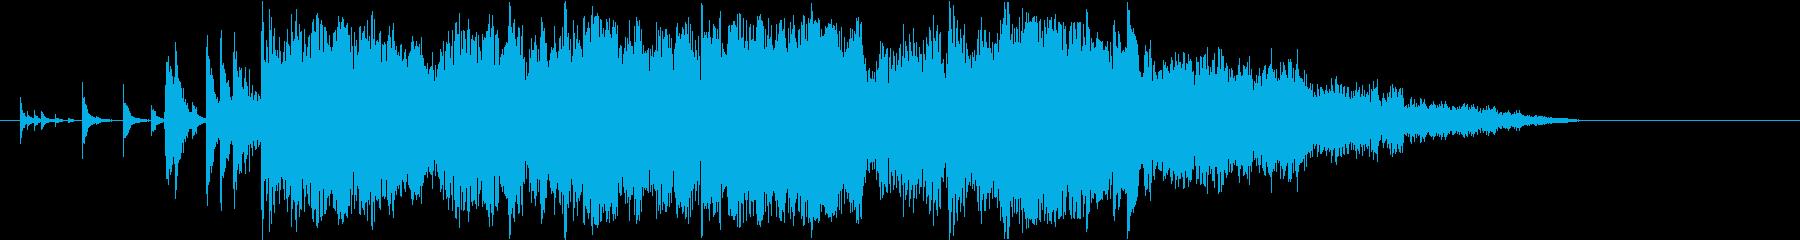 幻想的なボーカルの再生済みの波形